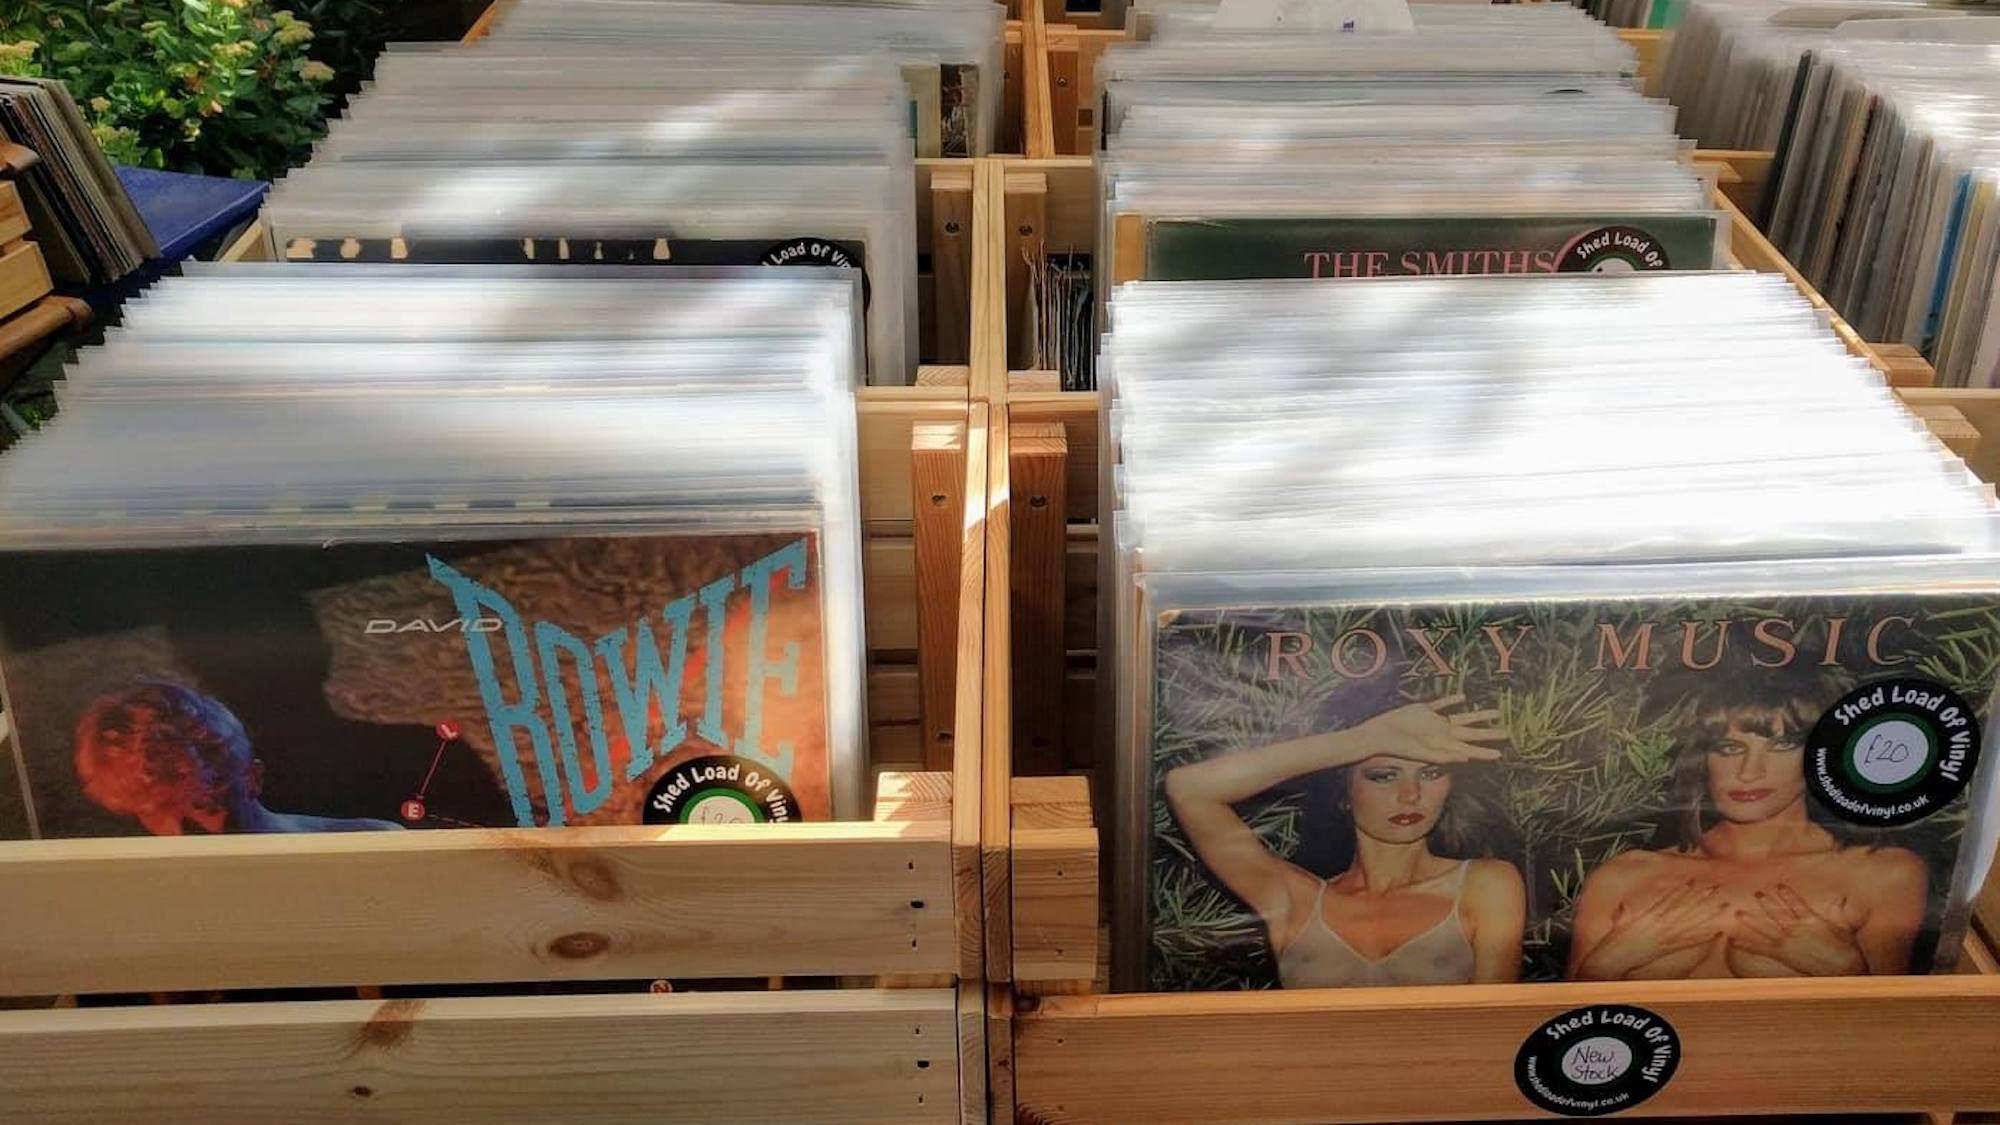 Shed Load of Vinyl